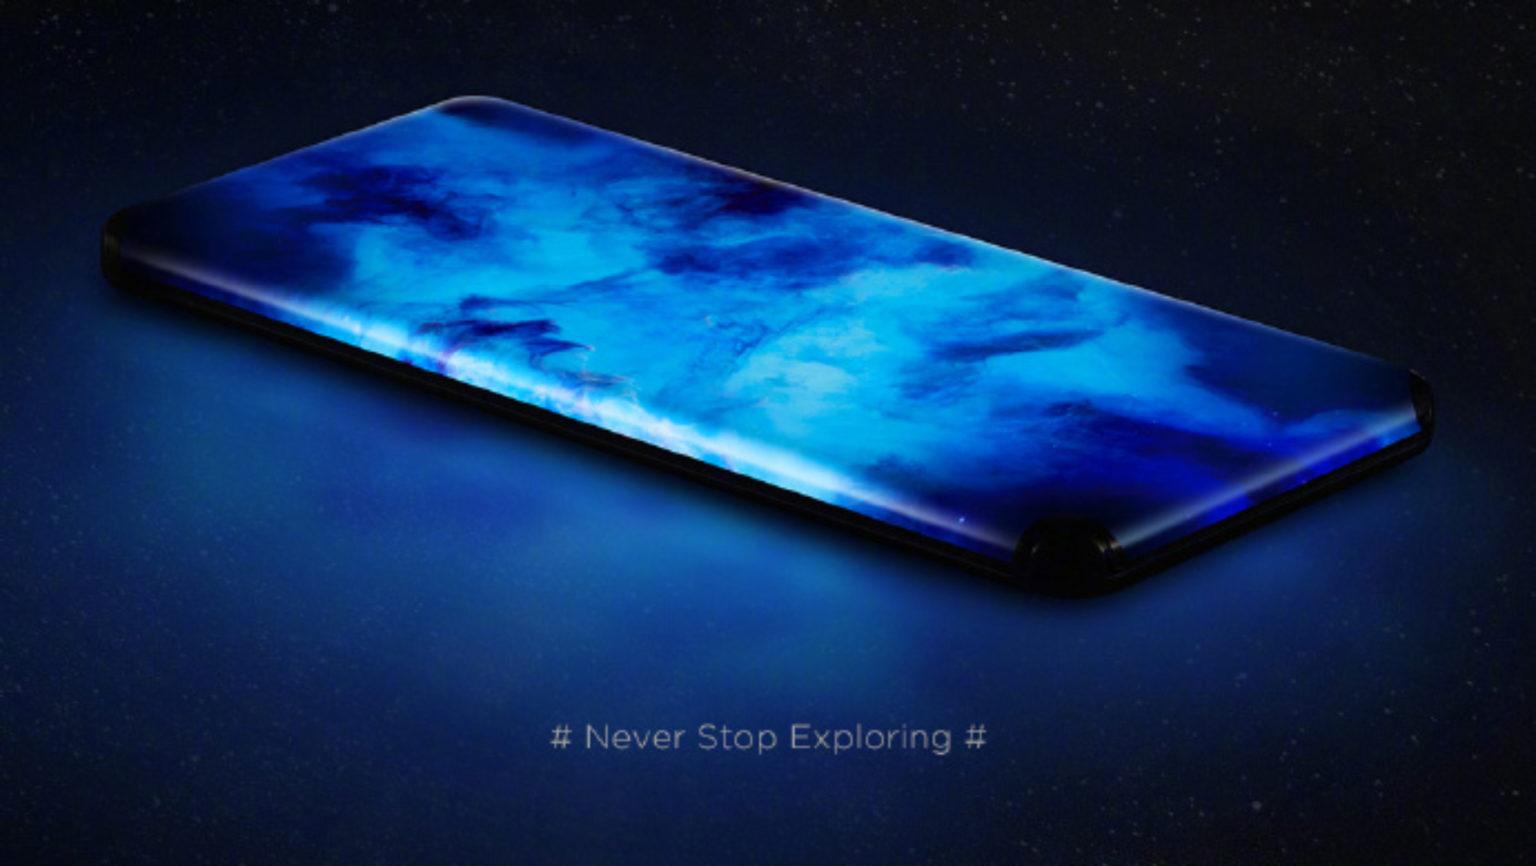 Xiaomi è pronta a produrre smartphone senza alcuna porta fisica - Tindaro Battaglia